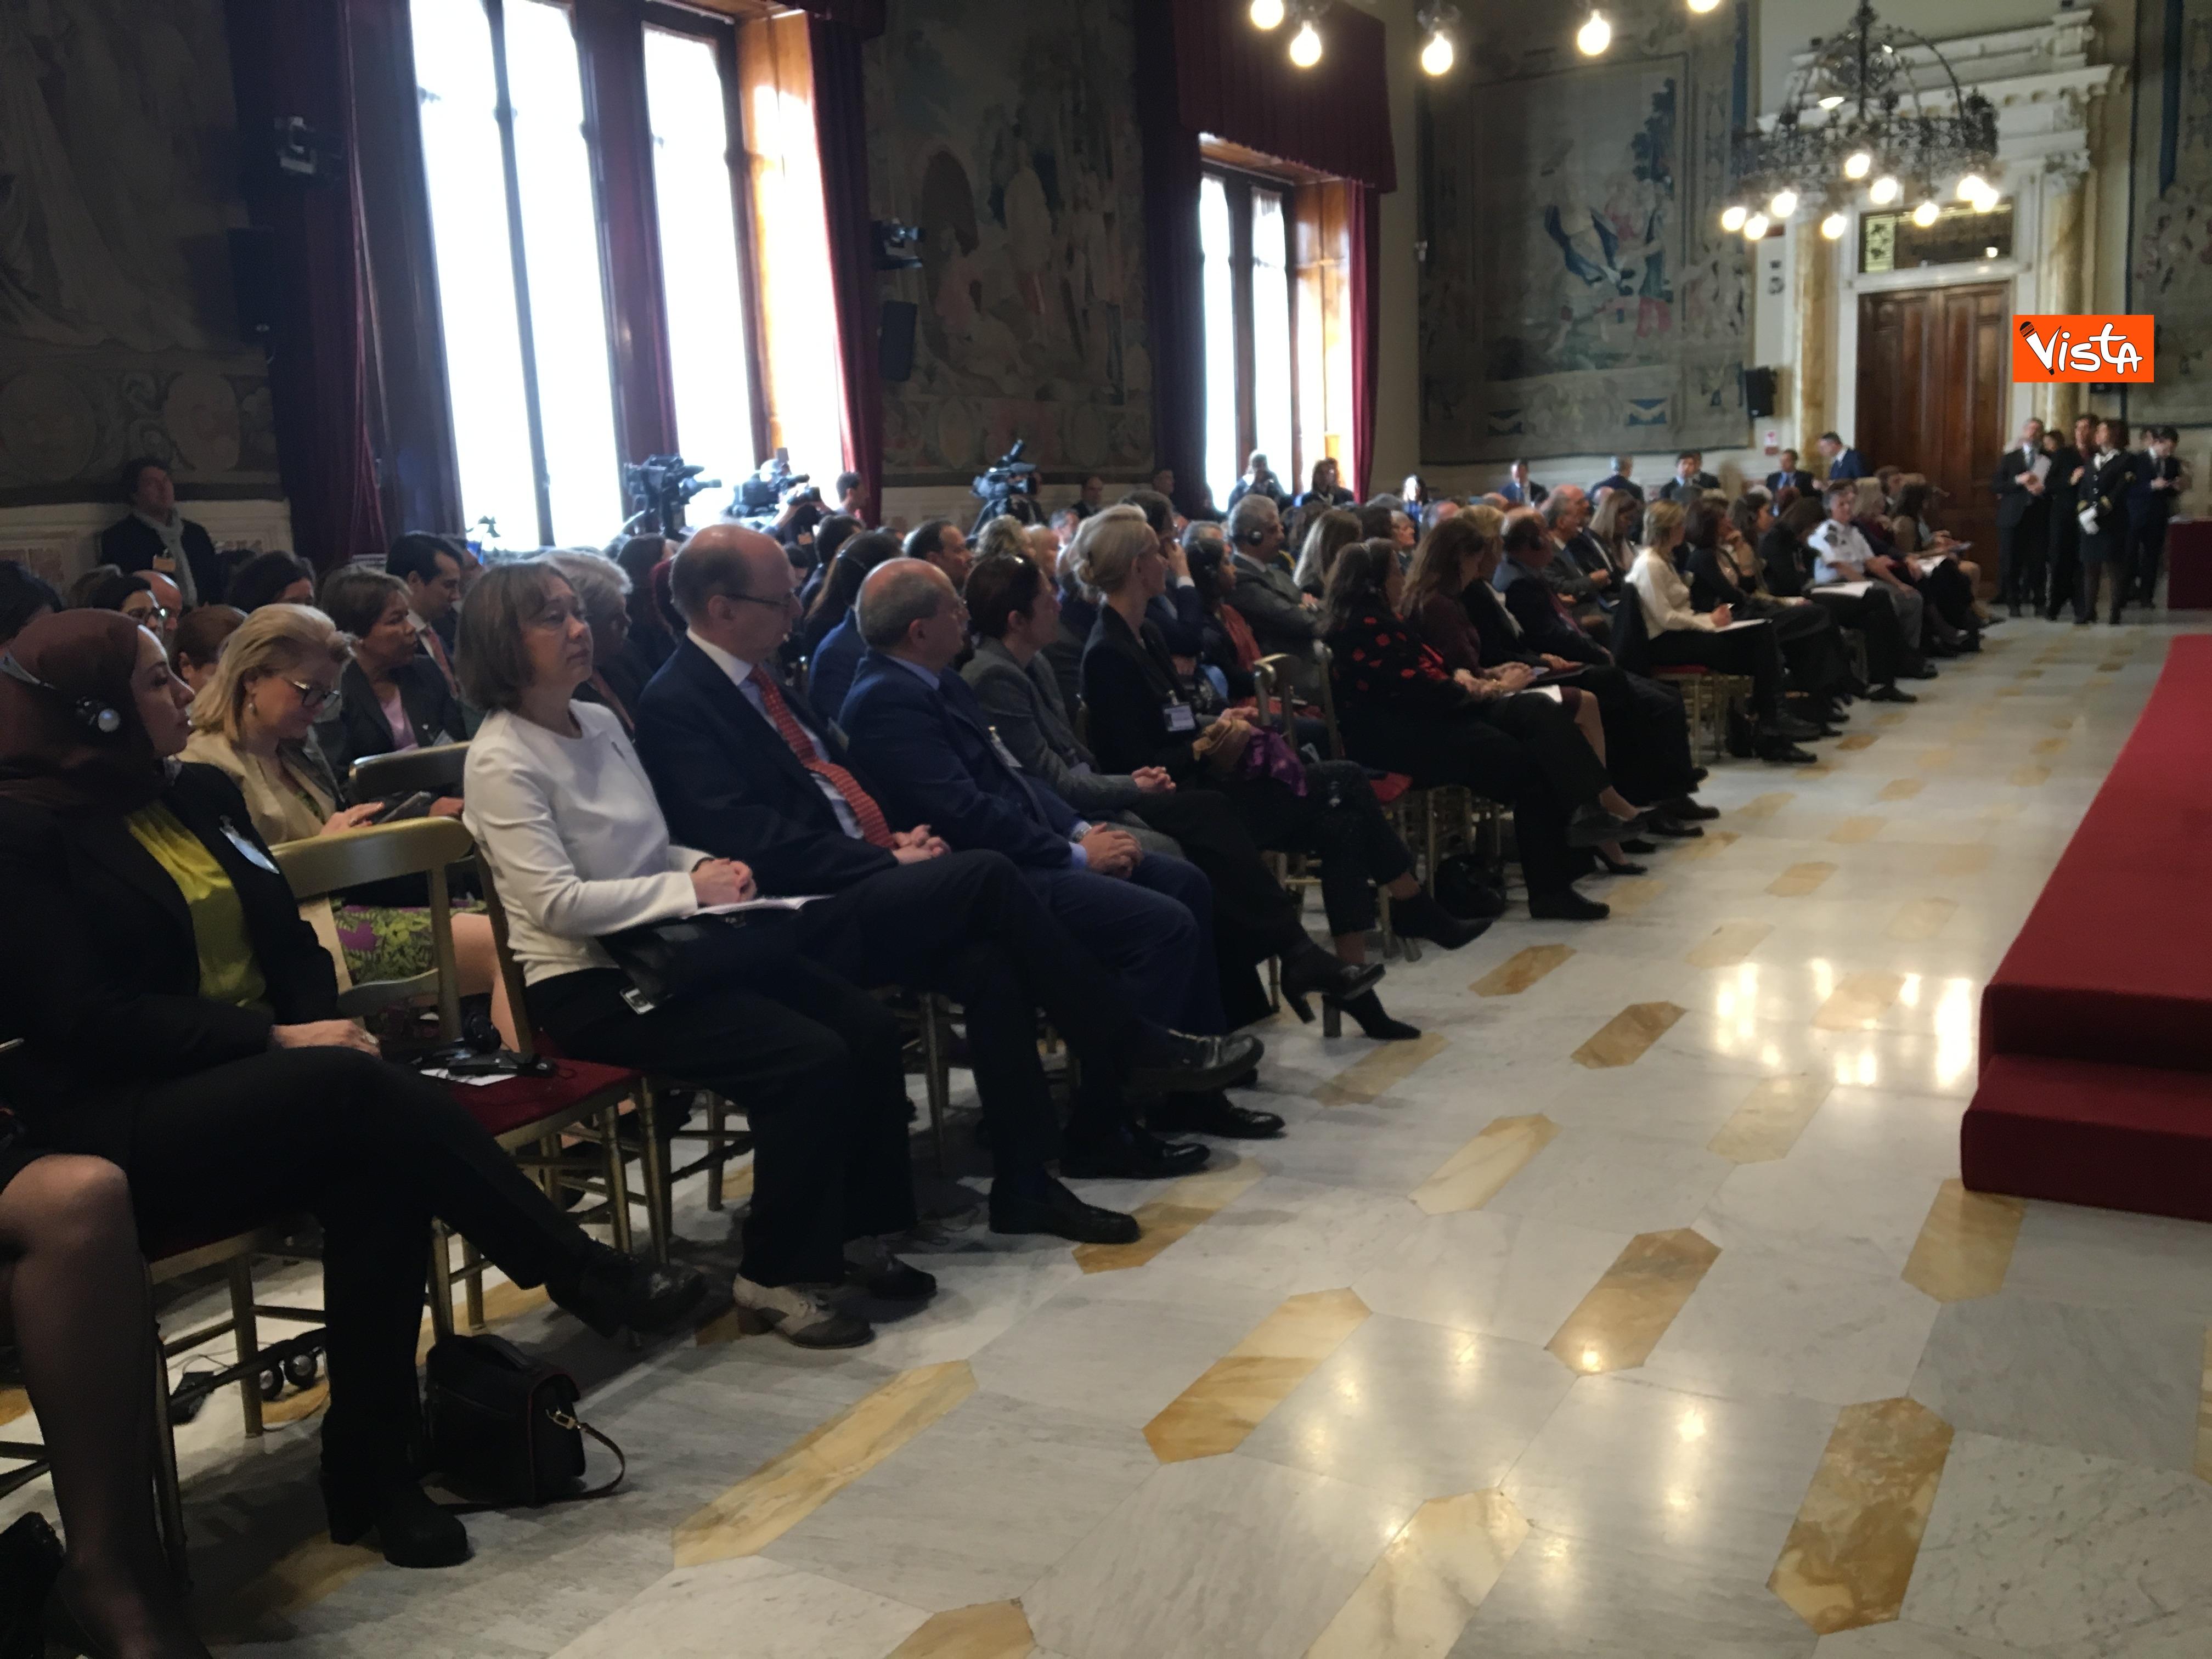 06-03-19 8 marzo a Montecitorio il convgeno Donne pace e sicurezza con il presidente Fico immagini_07